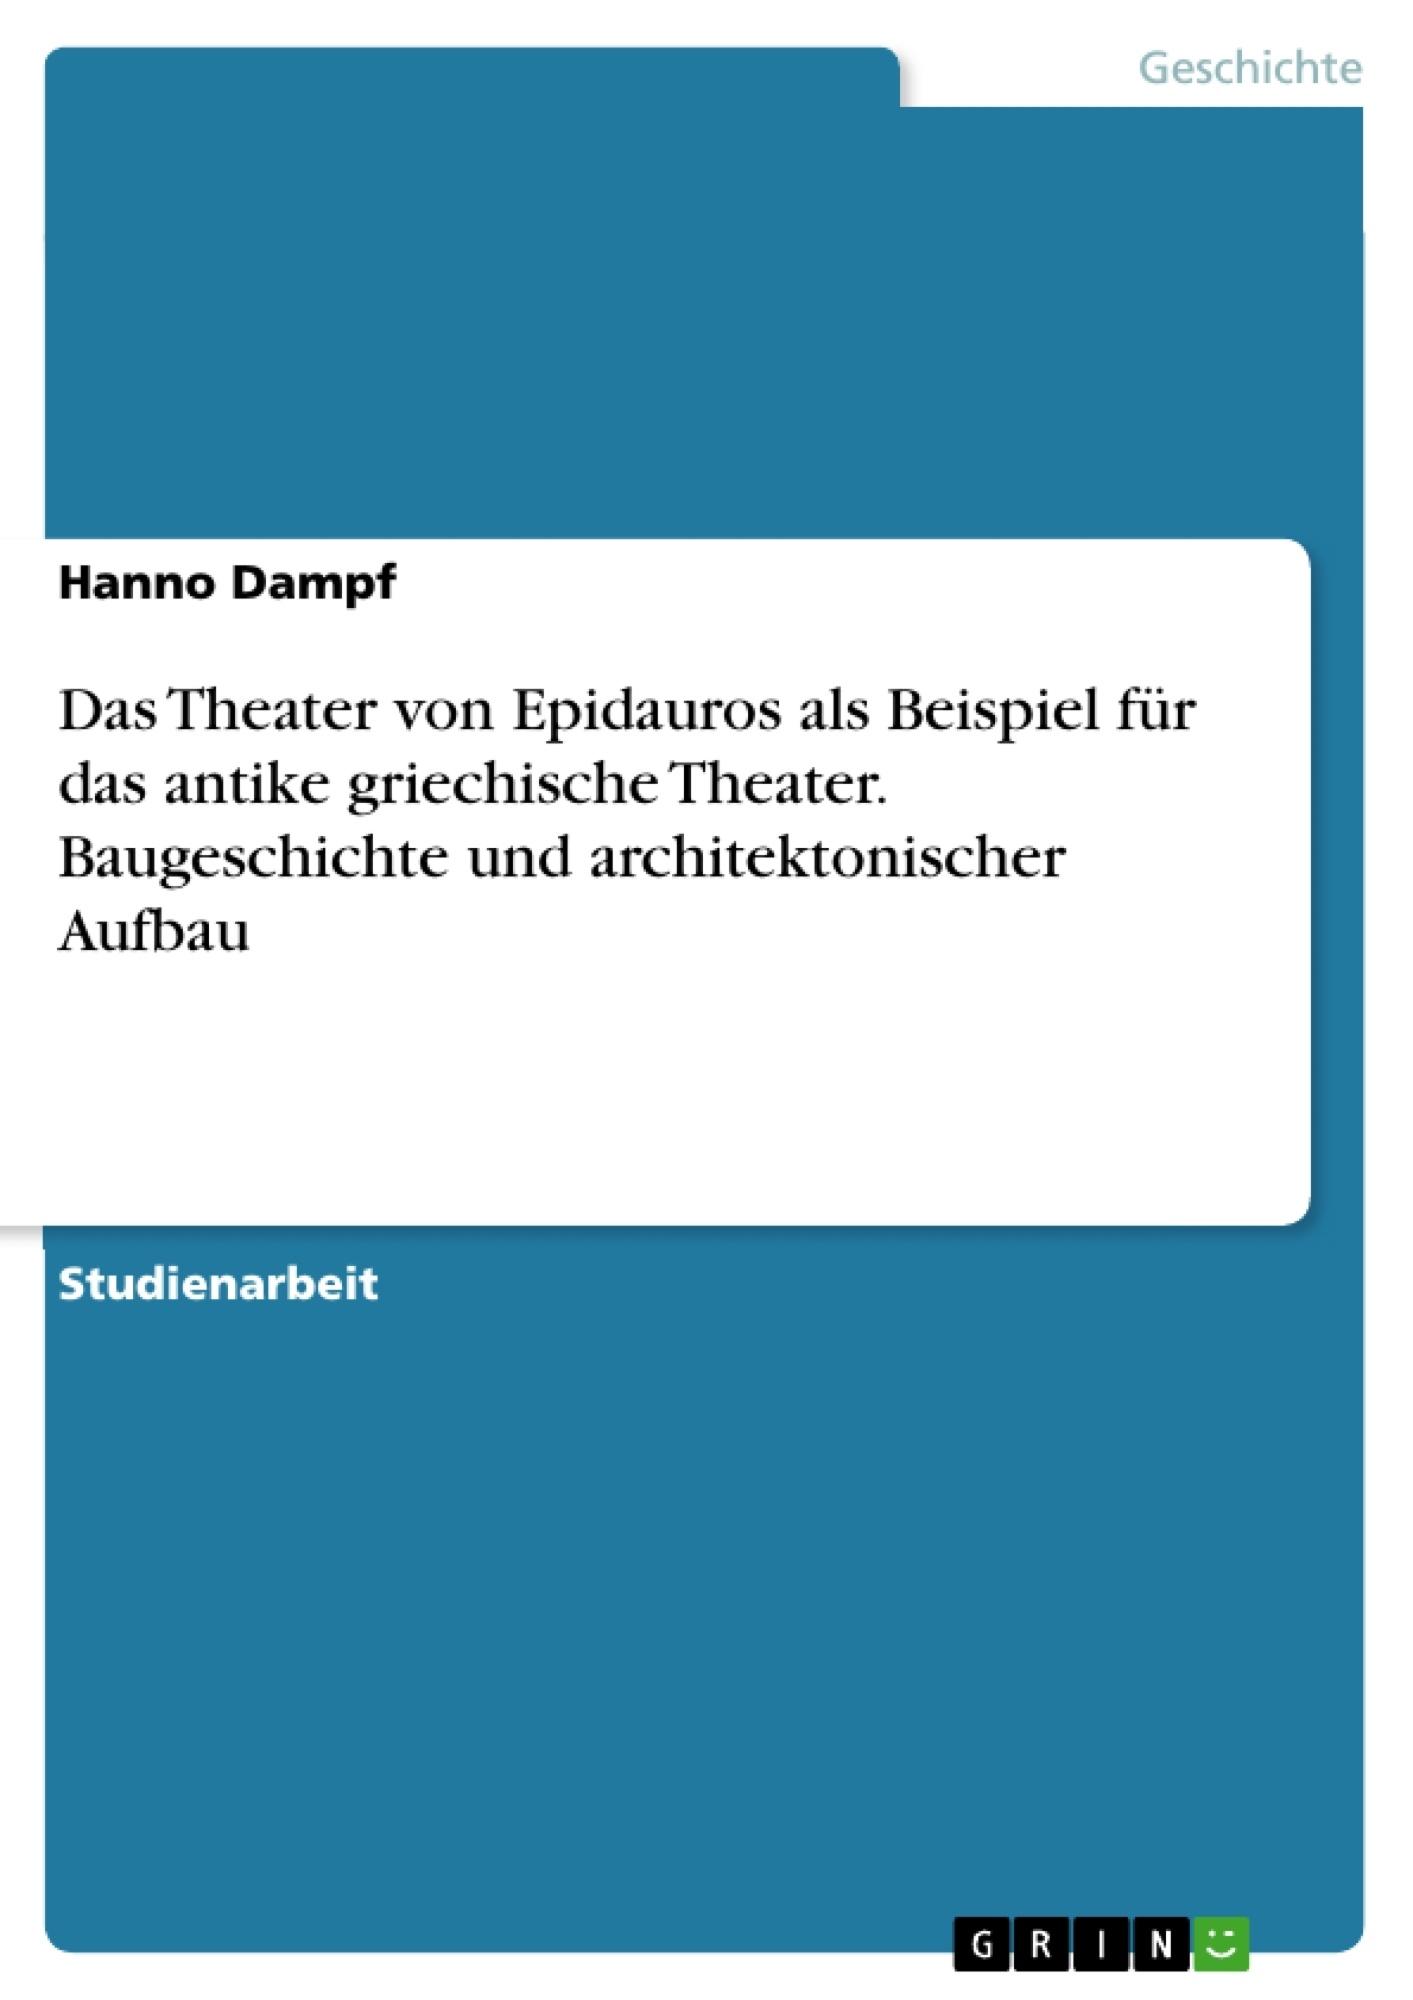 Titel: Das Theater von Epidauros als Beispiel für das antike griechische Theater. Baugeschichte und architektonischer Aufbau